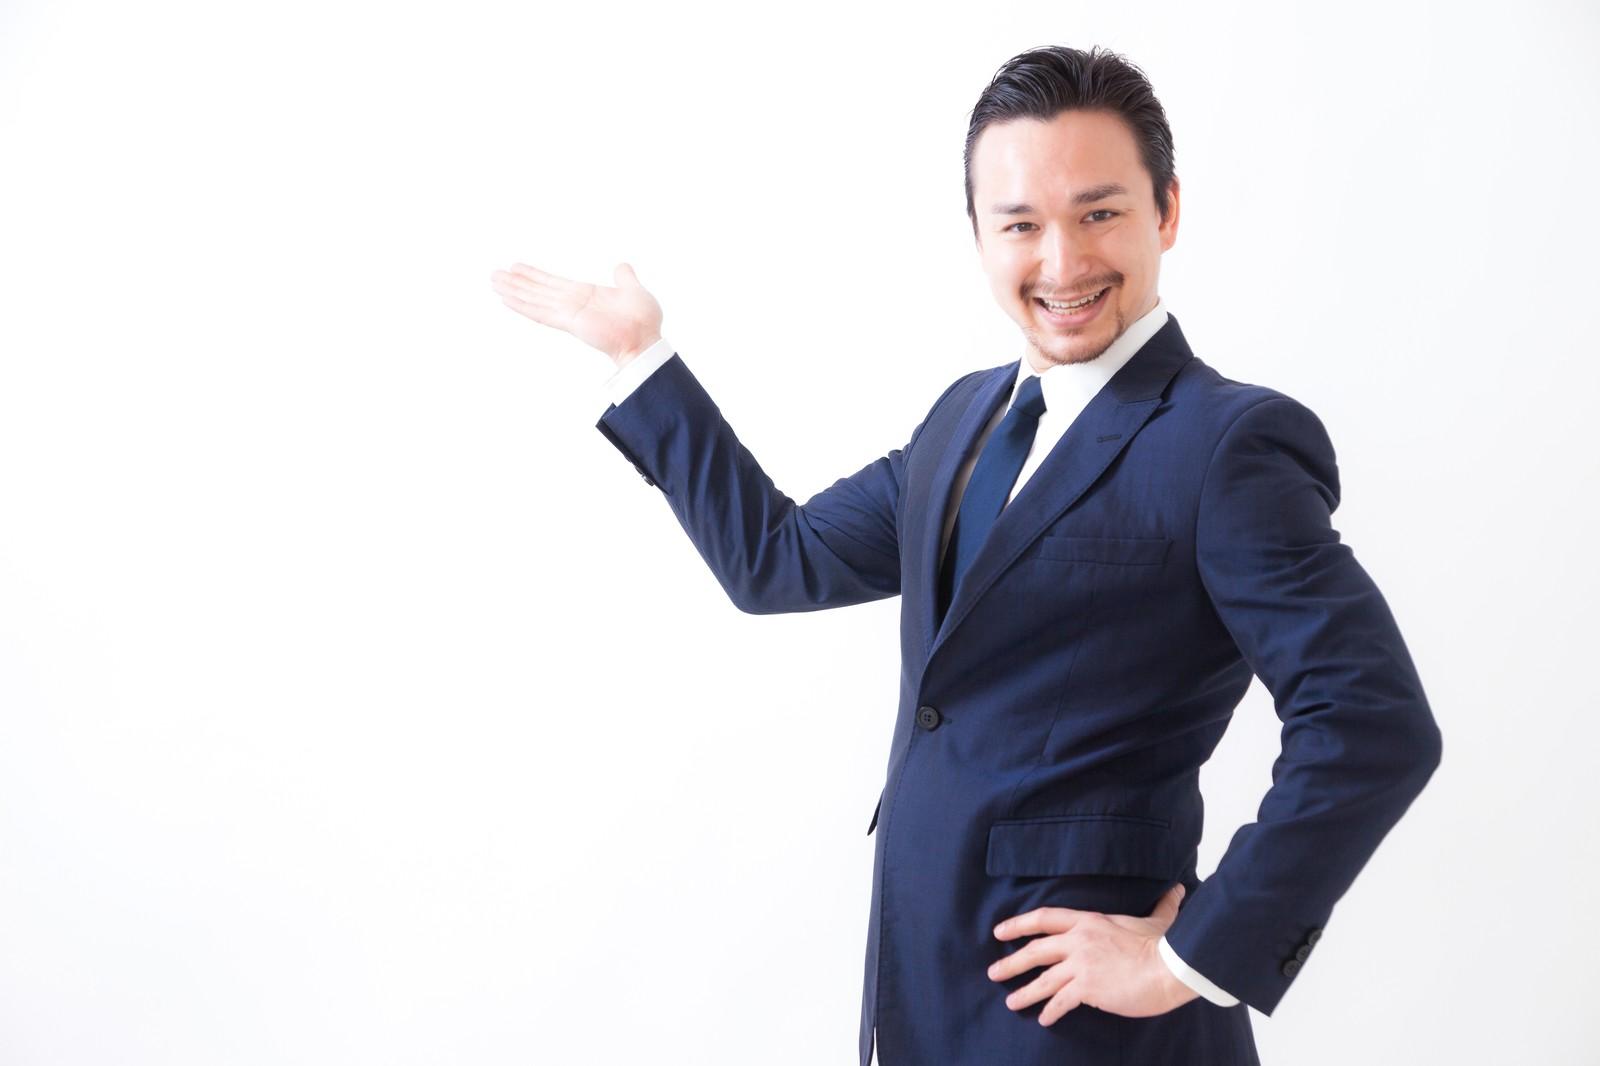 松嶋菜々子と大沢たかおの共演作品全てとAI崩壊の共演者を紹介!